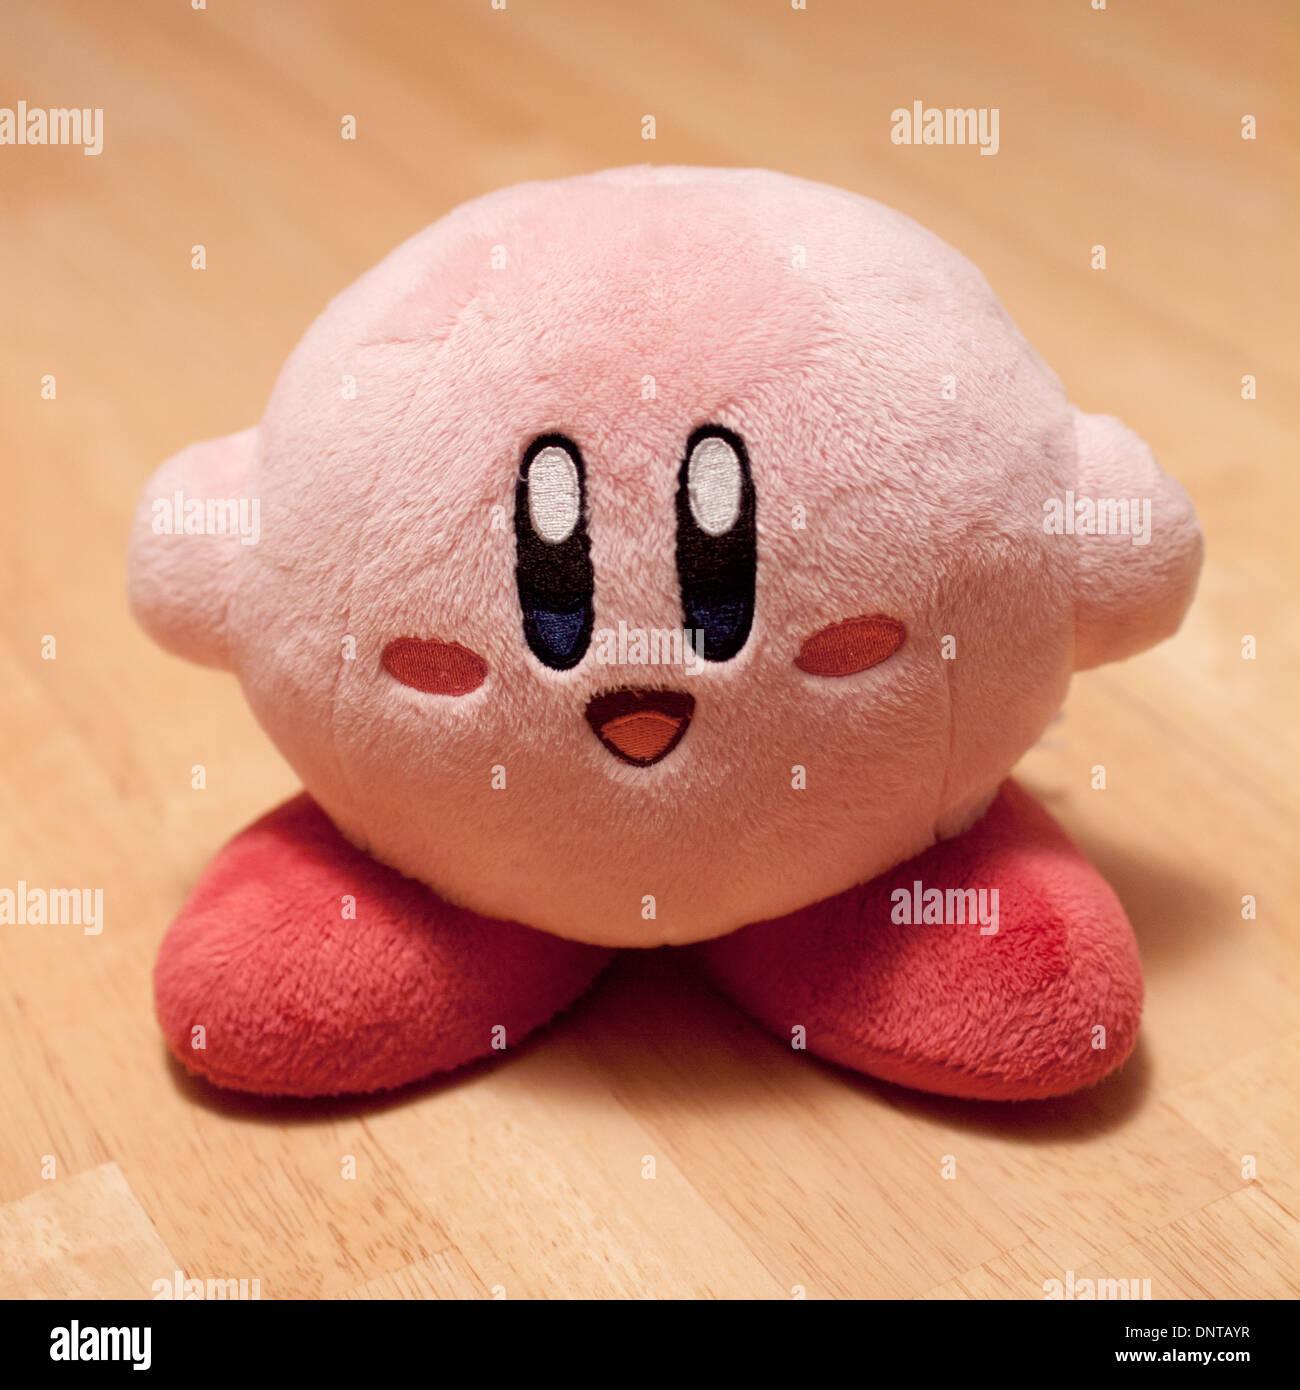 Une peluche Kirby. Kirby (カービ) est un personnage de la série de jeu vidéo Kirby par Nintendo et HAL Laboratory. Photo Stock